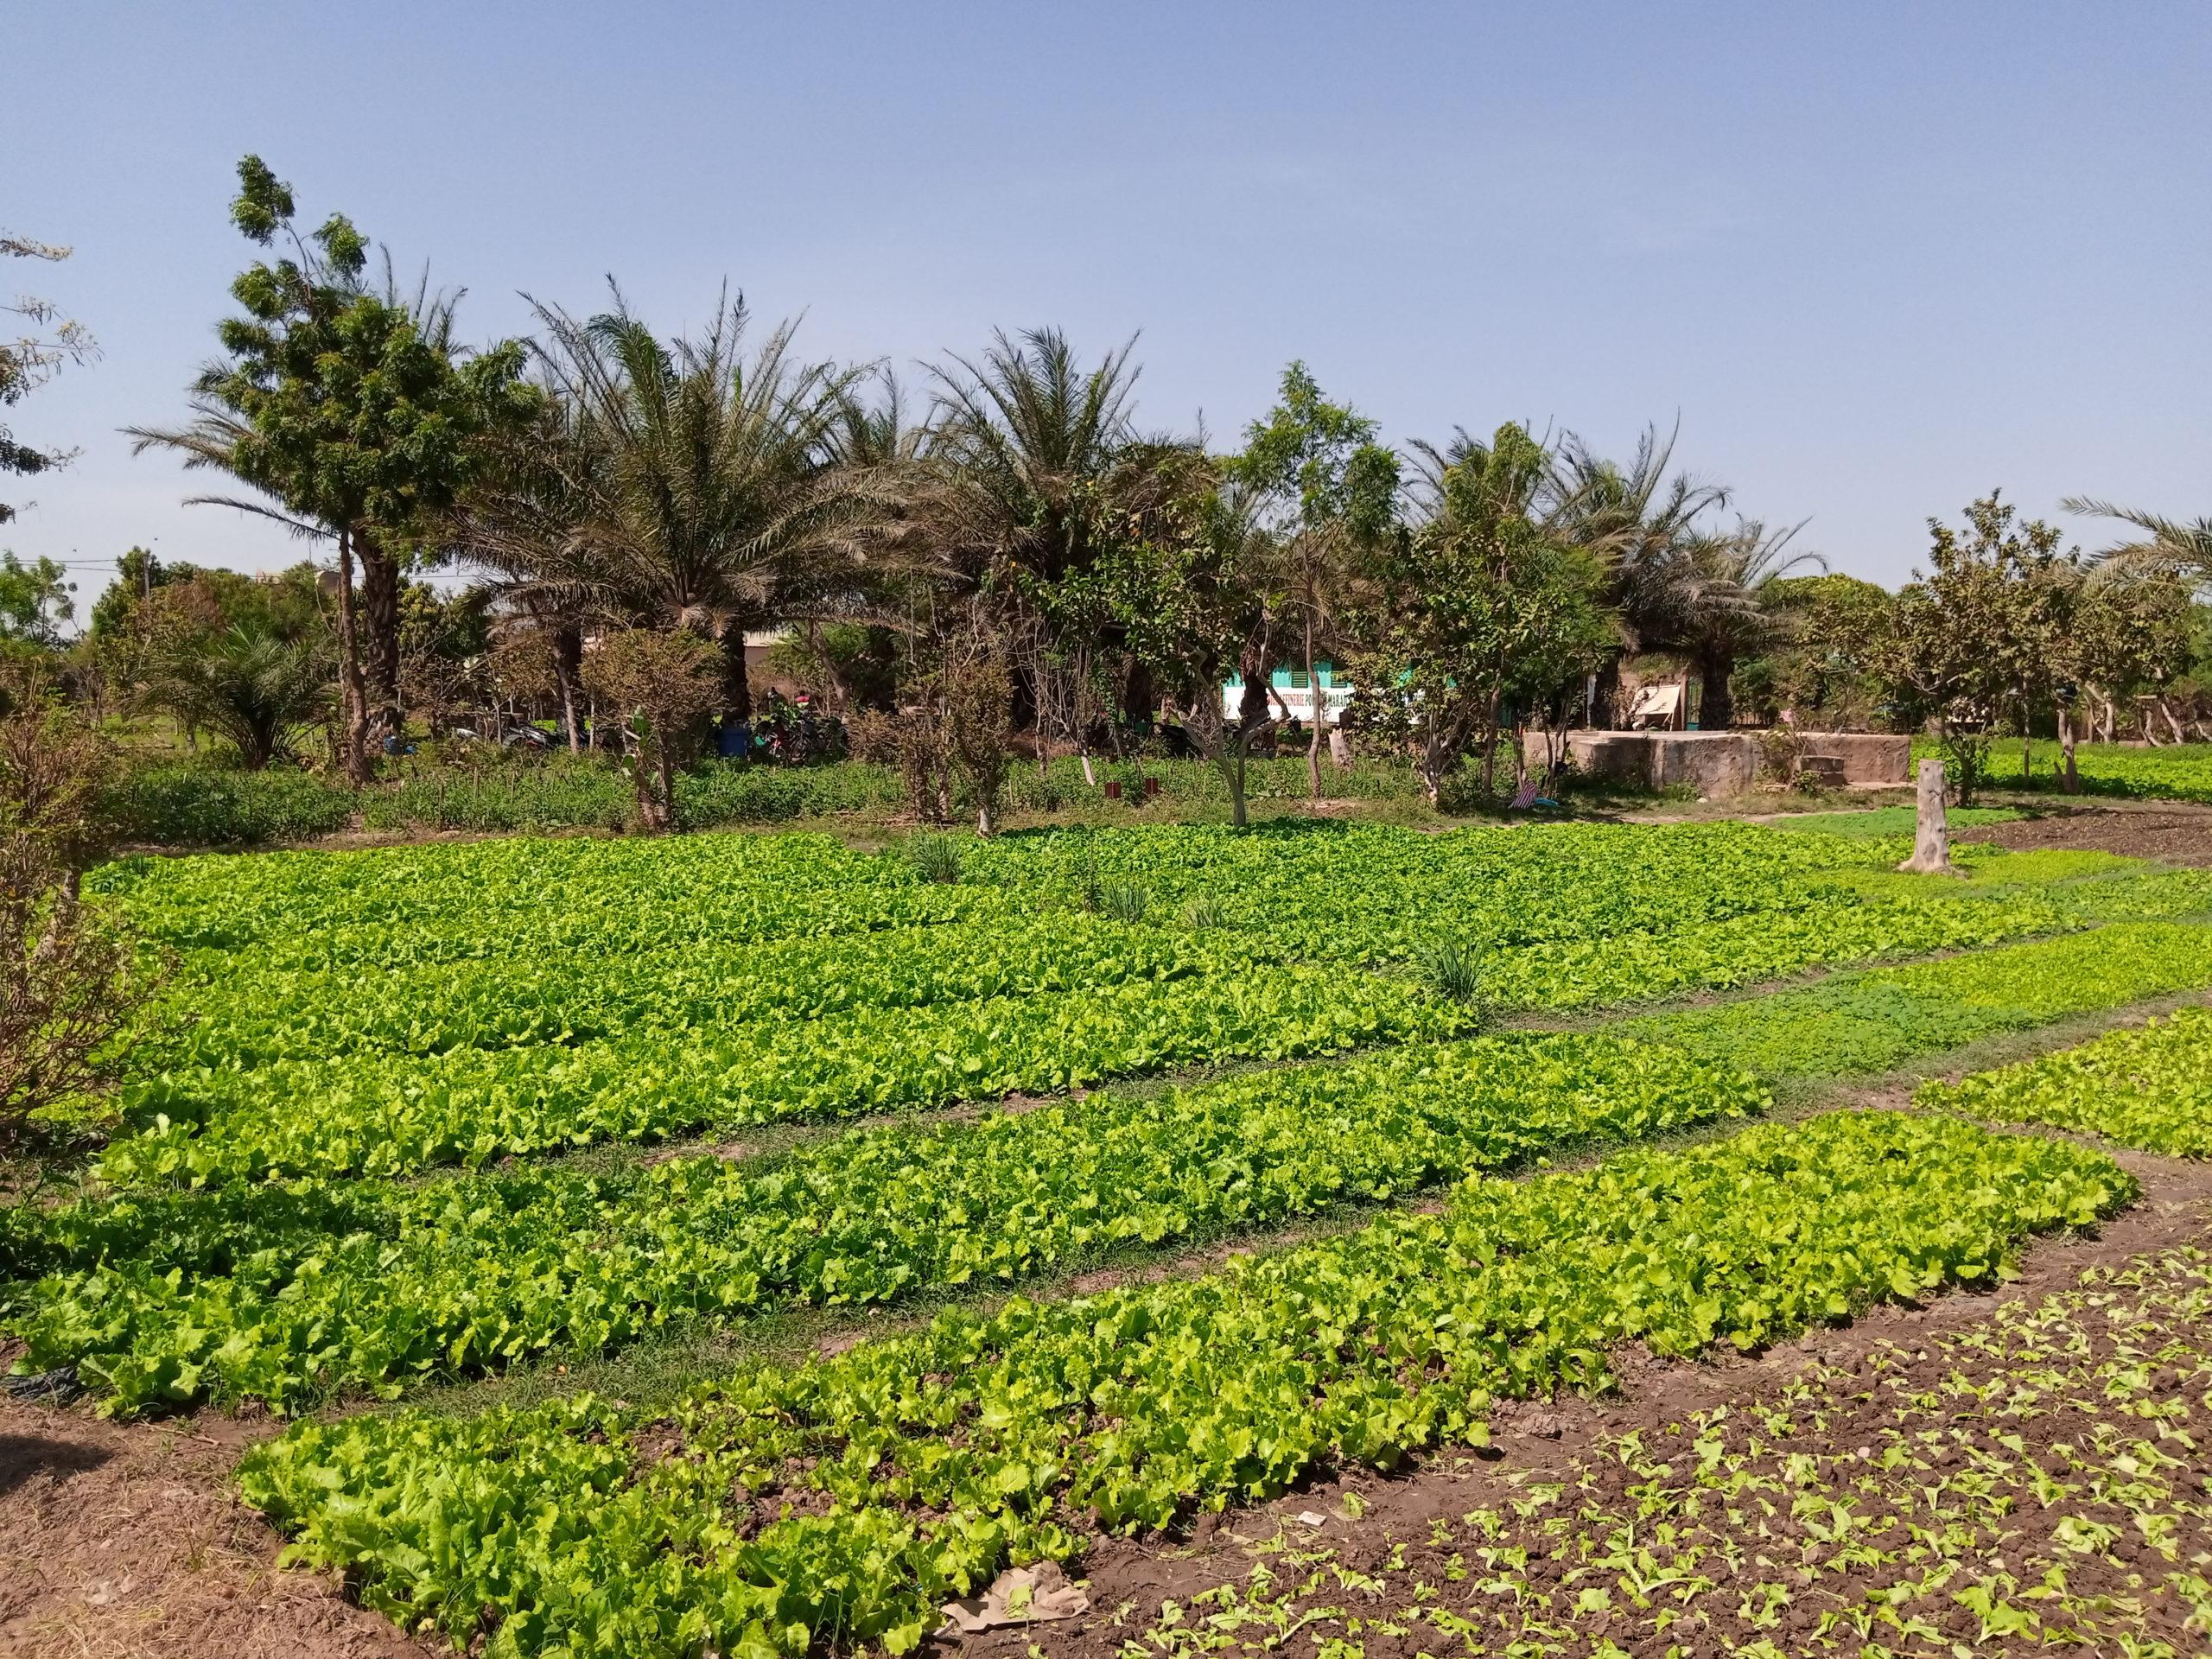 Côte d'Ivoire : 14 millions de dollars en faveur des petits producteurs et pour les femmes dans le centre du pays